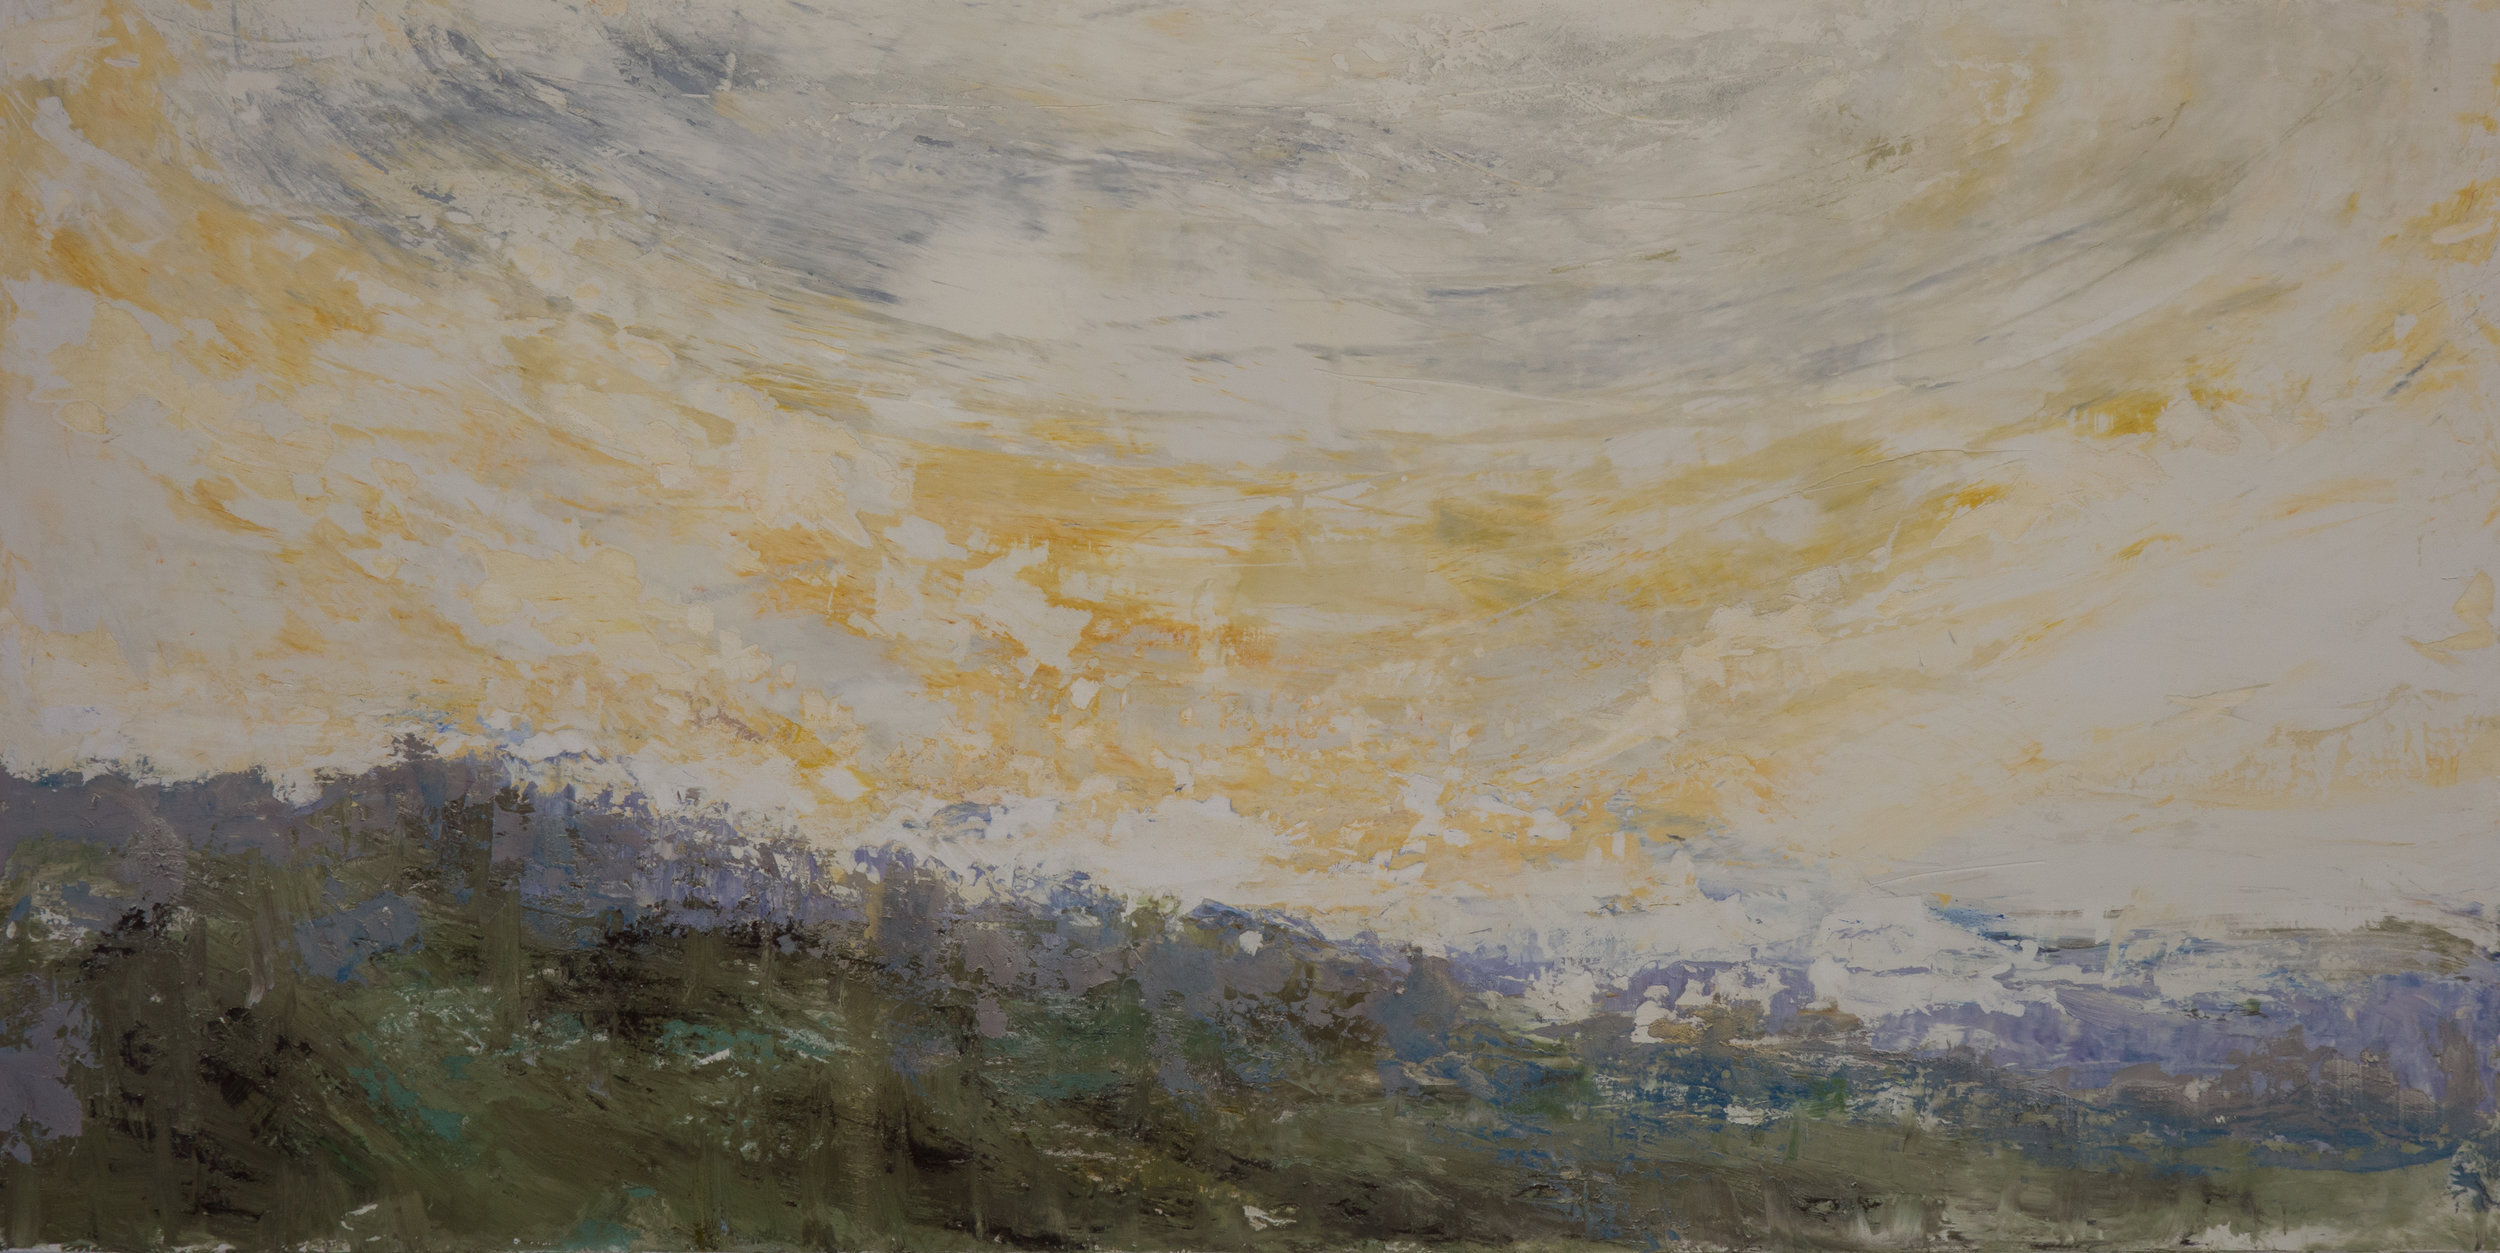 Shelley Vanderbyl - Facing a Wider Dawn (Full Crop) - 2016 - Fresco on Panel - 48x96.jpg